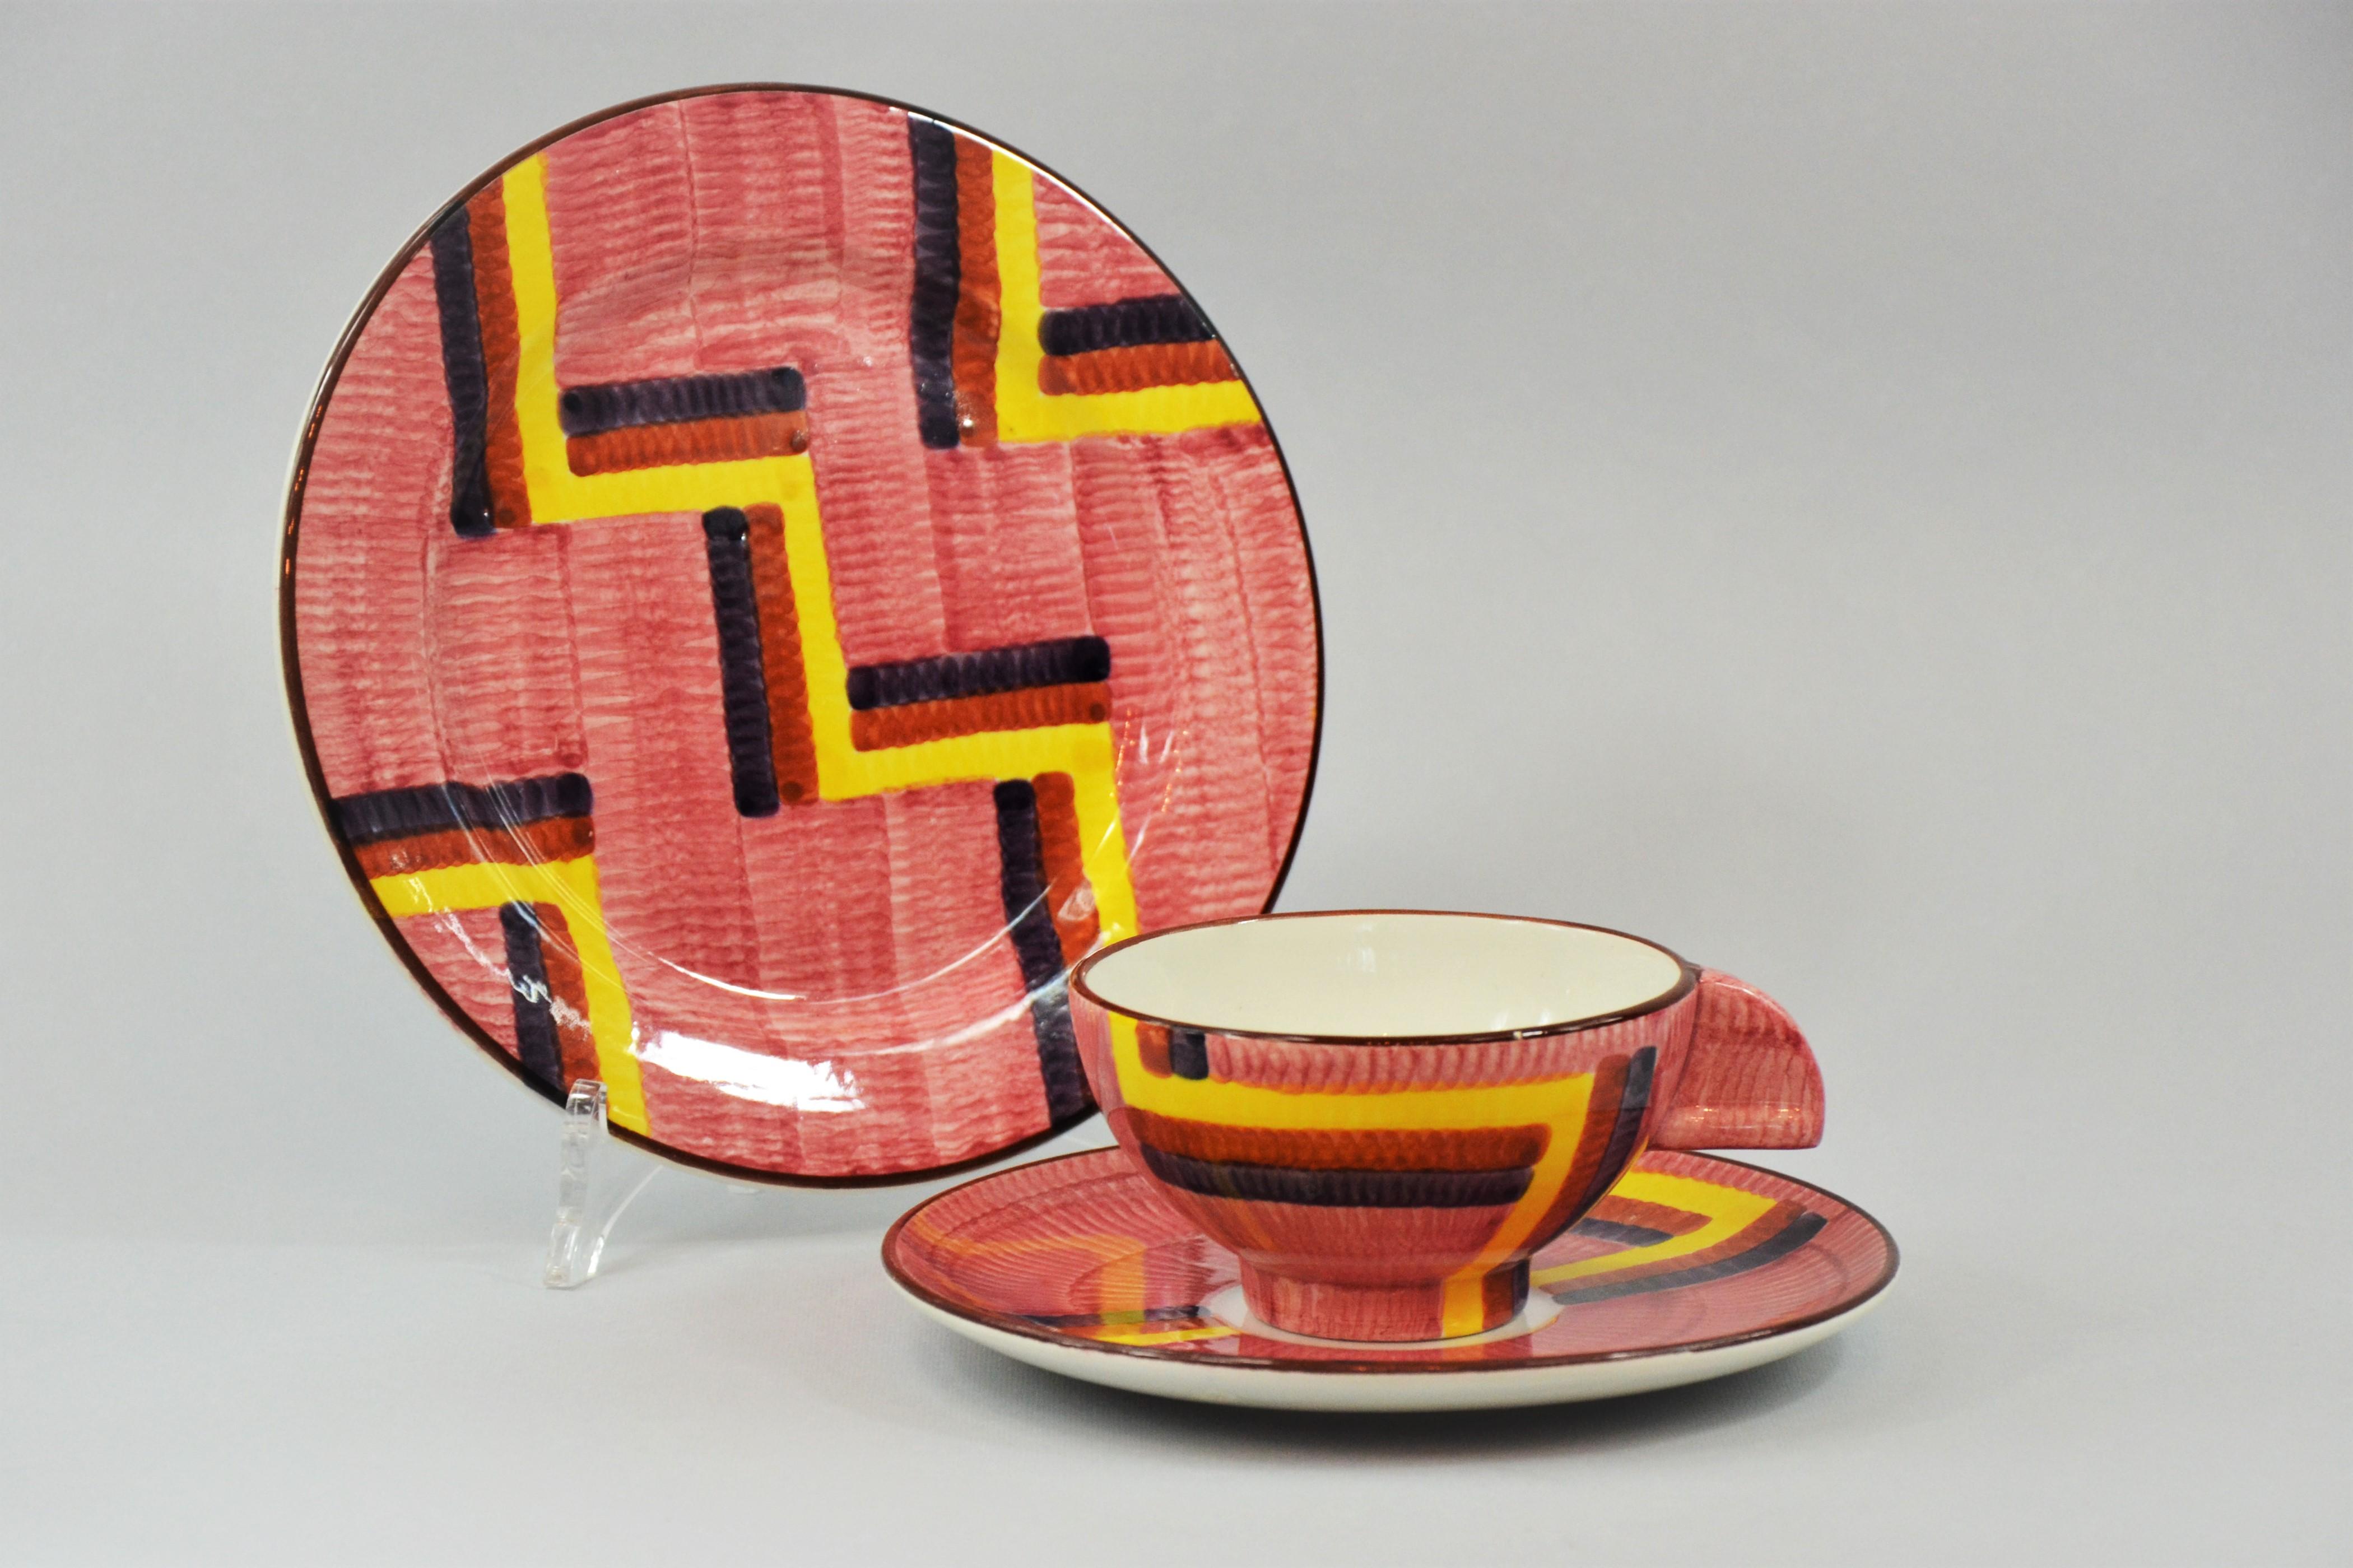 Zestaw śniadaniowy Schramberger Majolikfabrik, ok. 1930r.